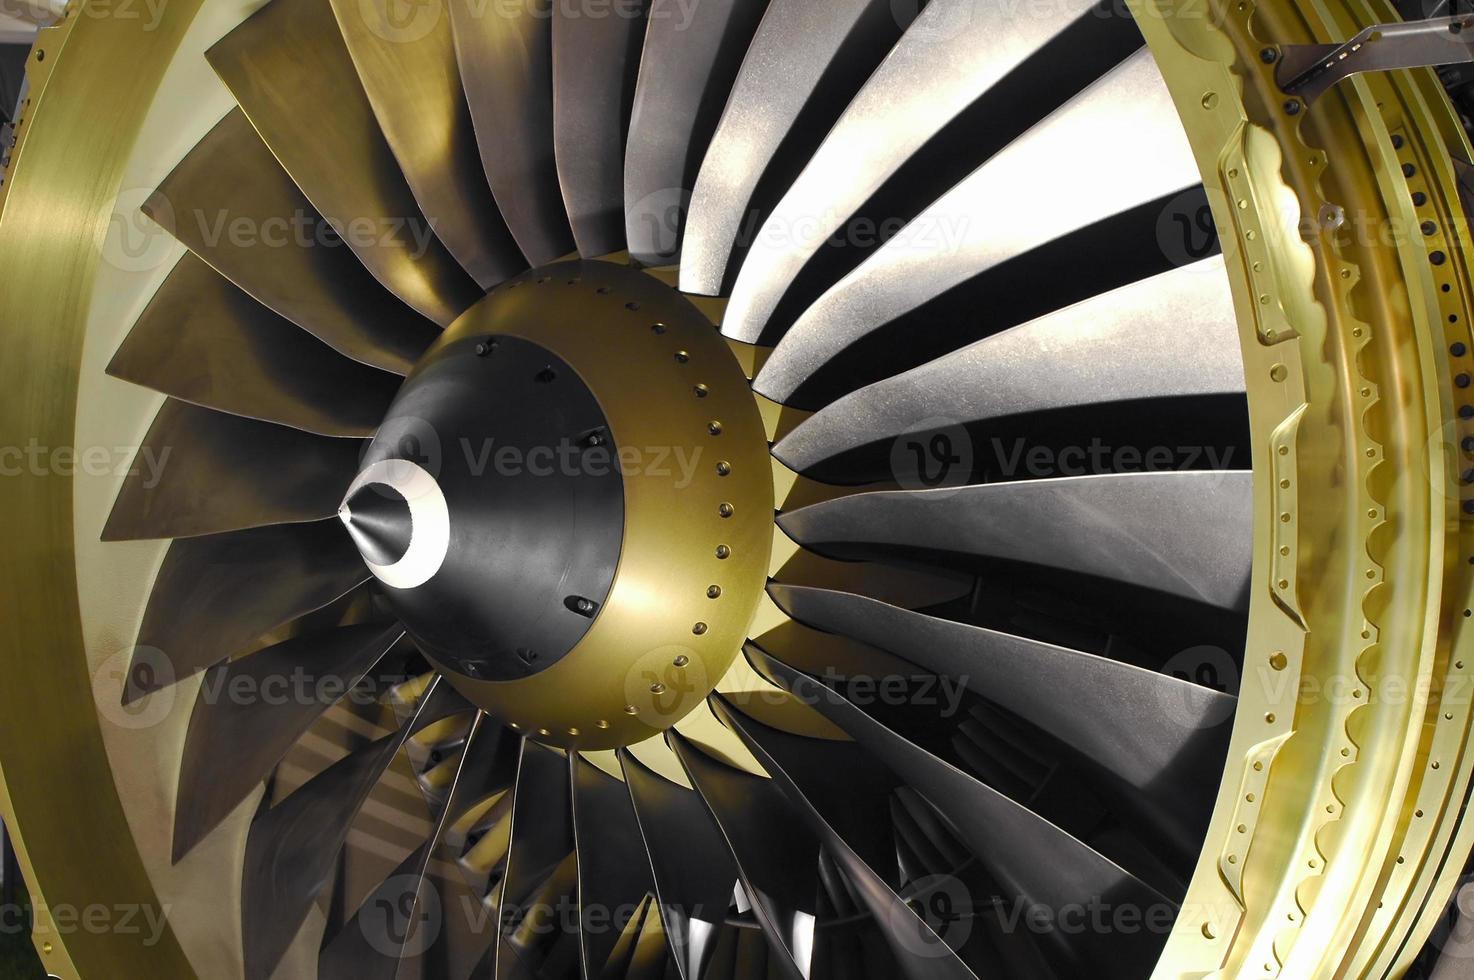 images générées par ordinateur de pales de turboréacteurs photo